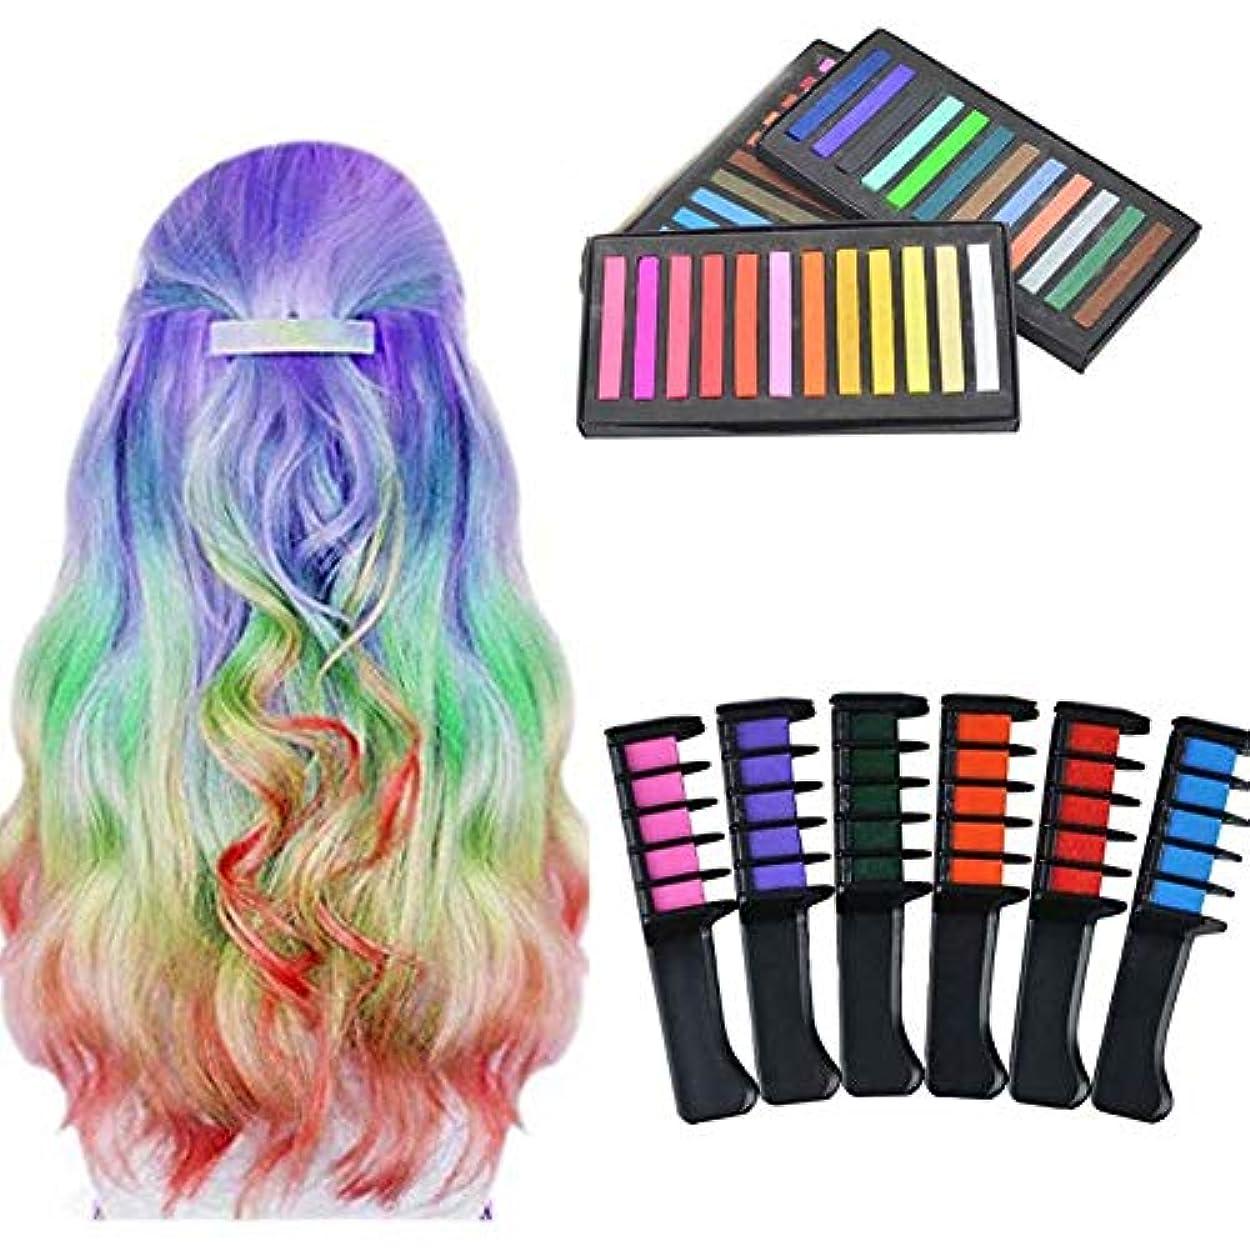 責衛星落ち着くキッズパーティー洗える髪染めペットキット(6色+ 36色ヘアスティック)のための髪染料チョーク櫛一時的な色